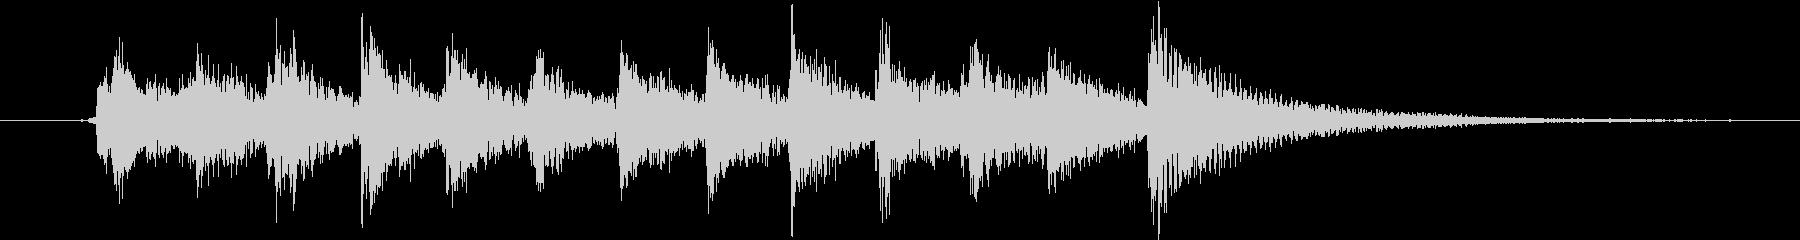 生録音ピチカート&ピアノの軽快な場面転換の未再生の波形